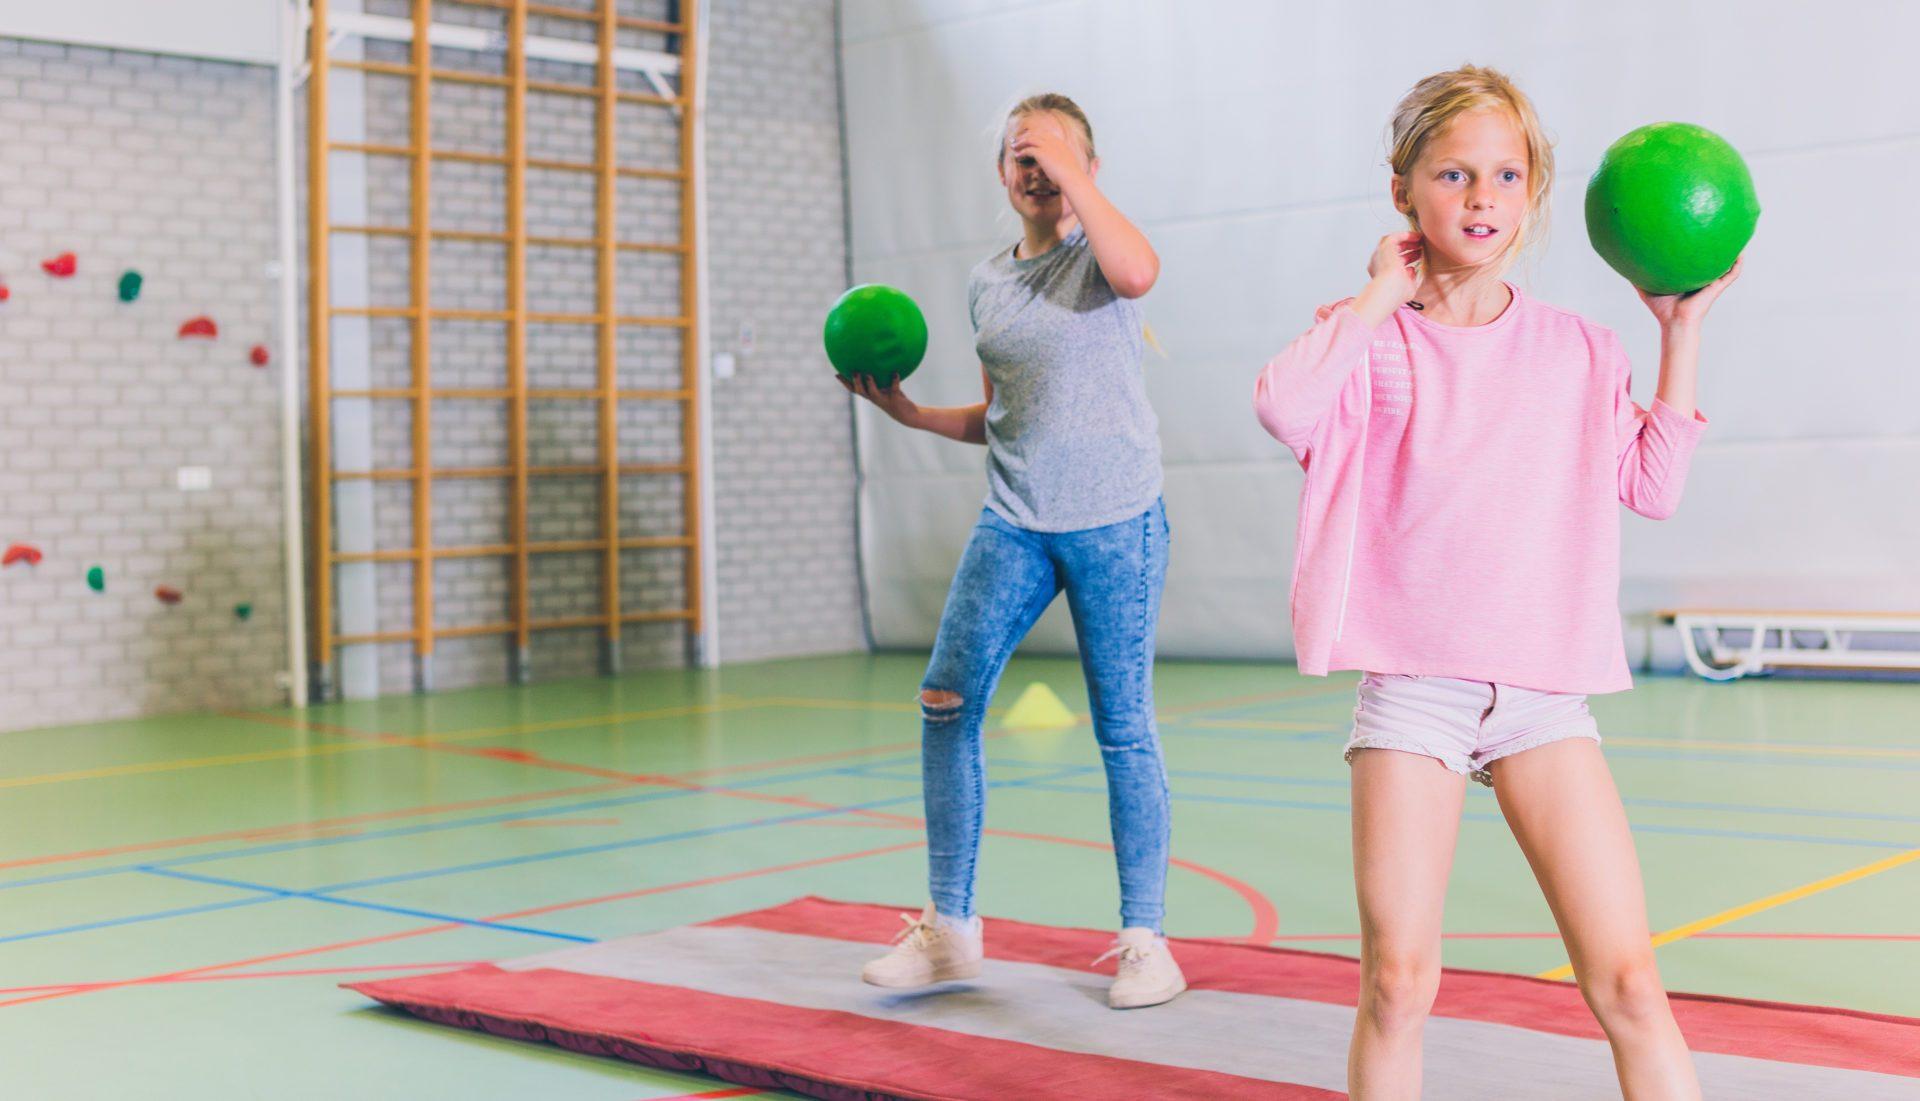 De kracht van sport en bewegen